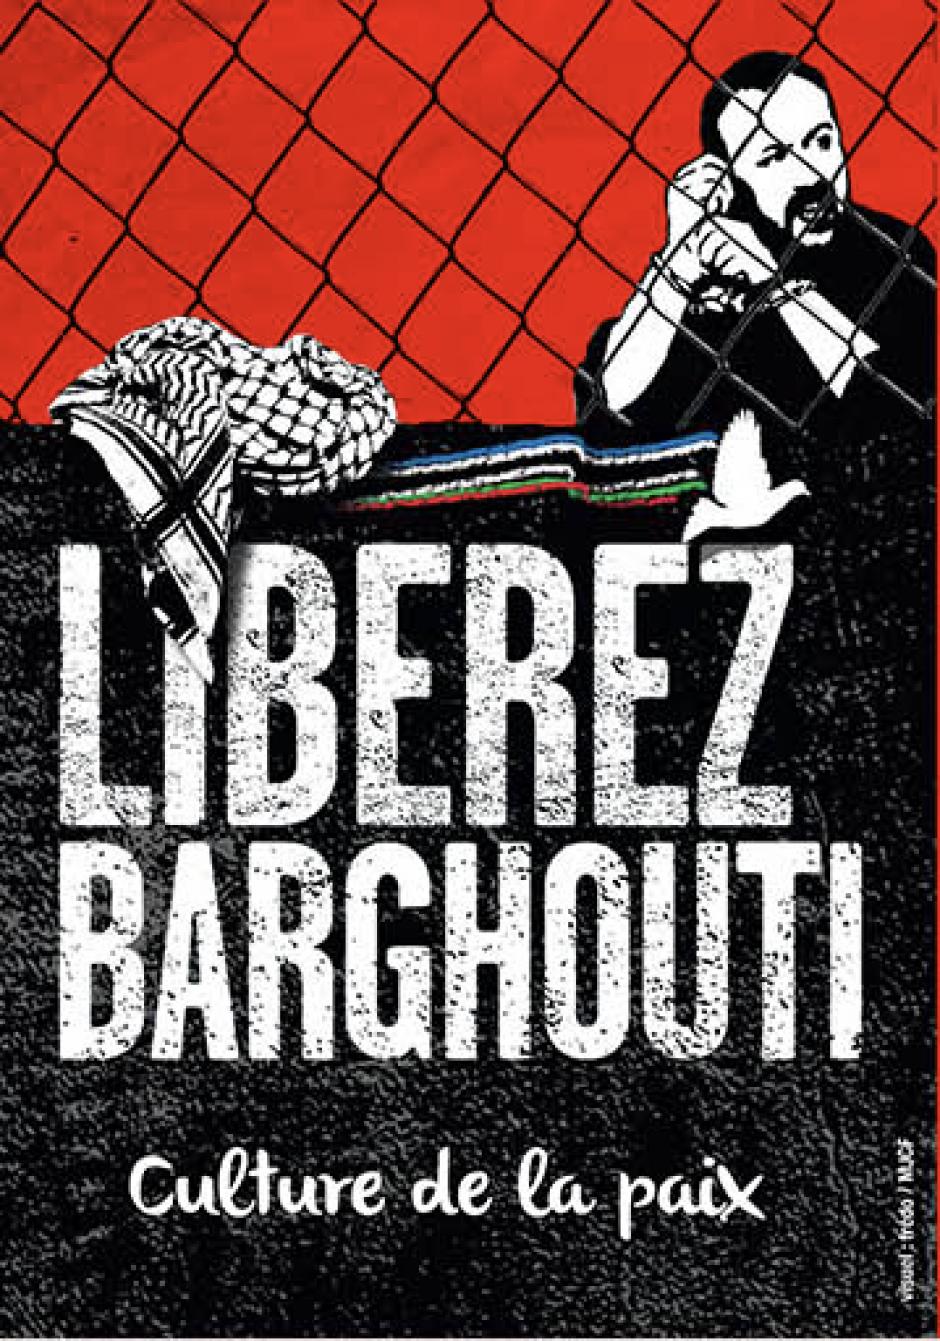 17 avril : SOIREE DE SOLIDARITE  POUR LA LIBERATION DE MARWAN BARGHOUTI  ET DES PRISONNIERS POLITIQUES PALESTINIENS